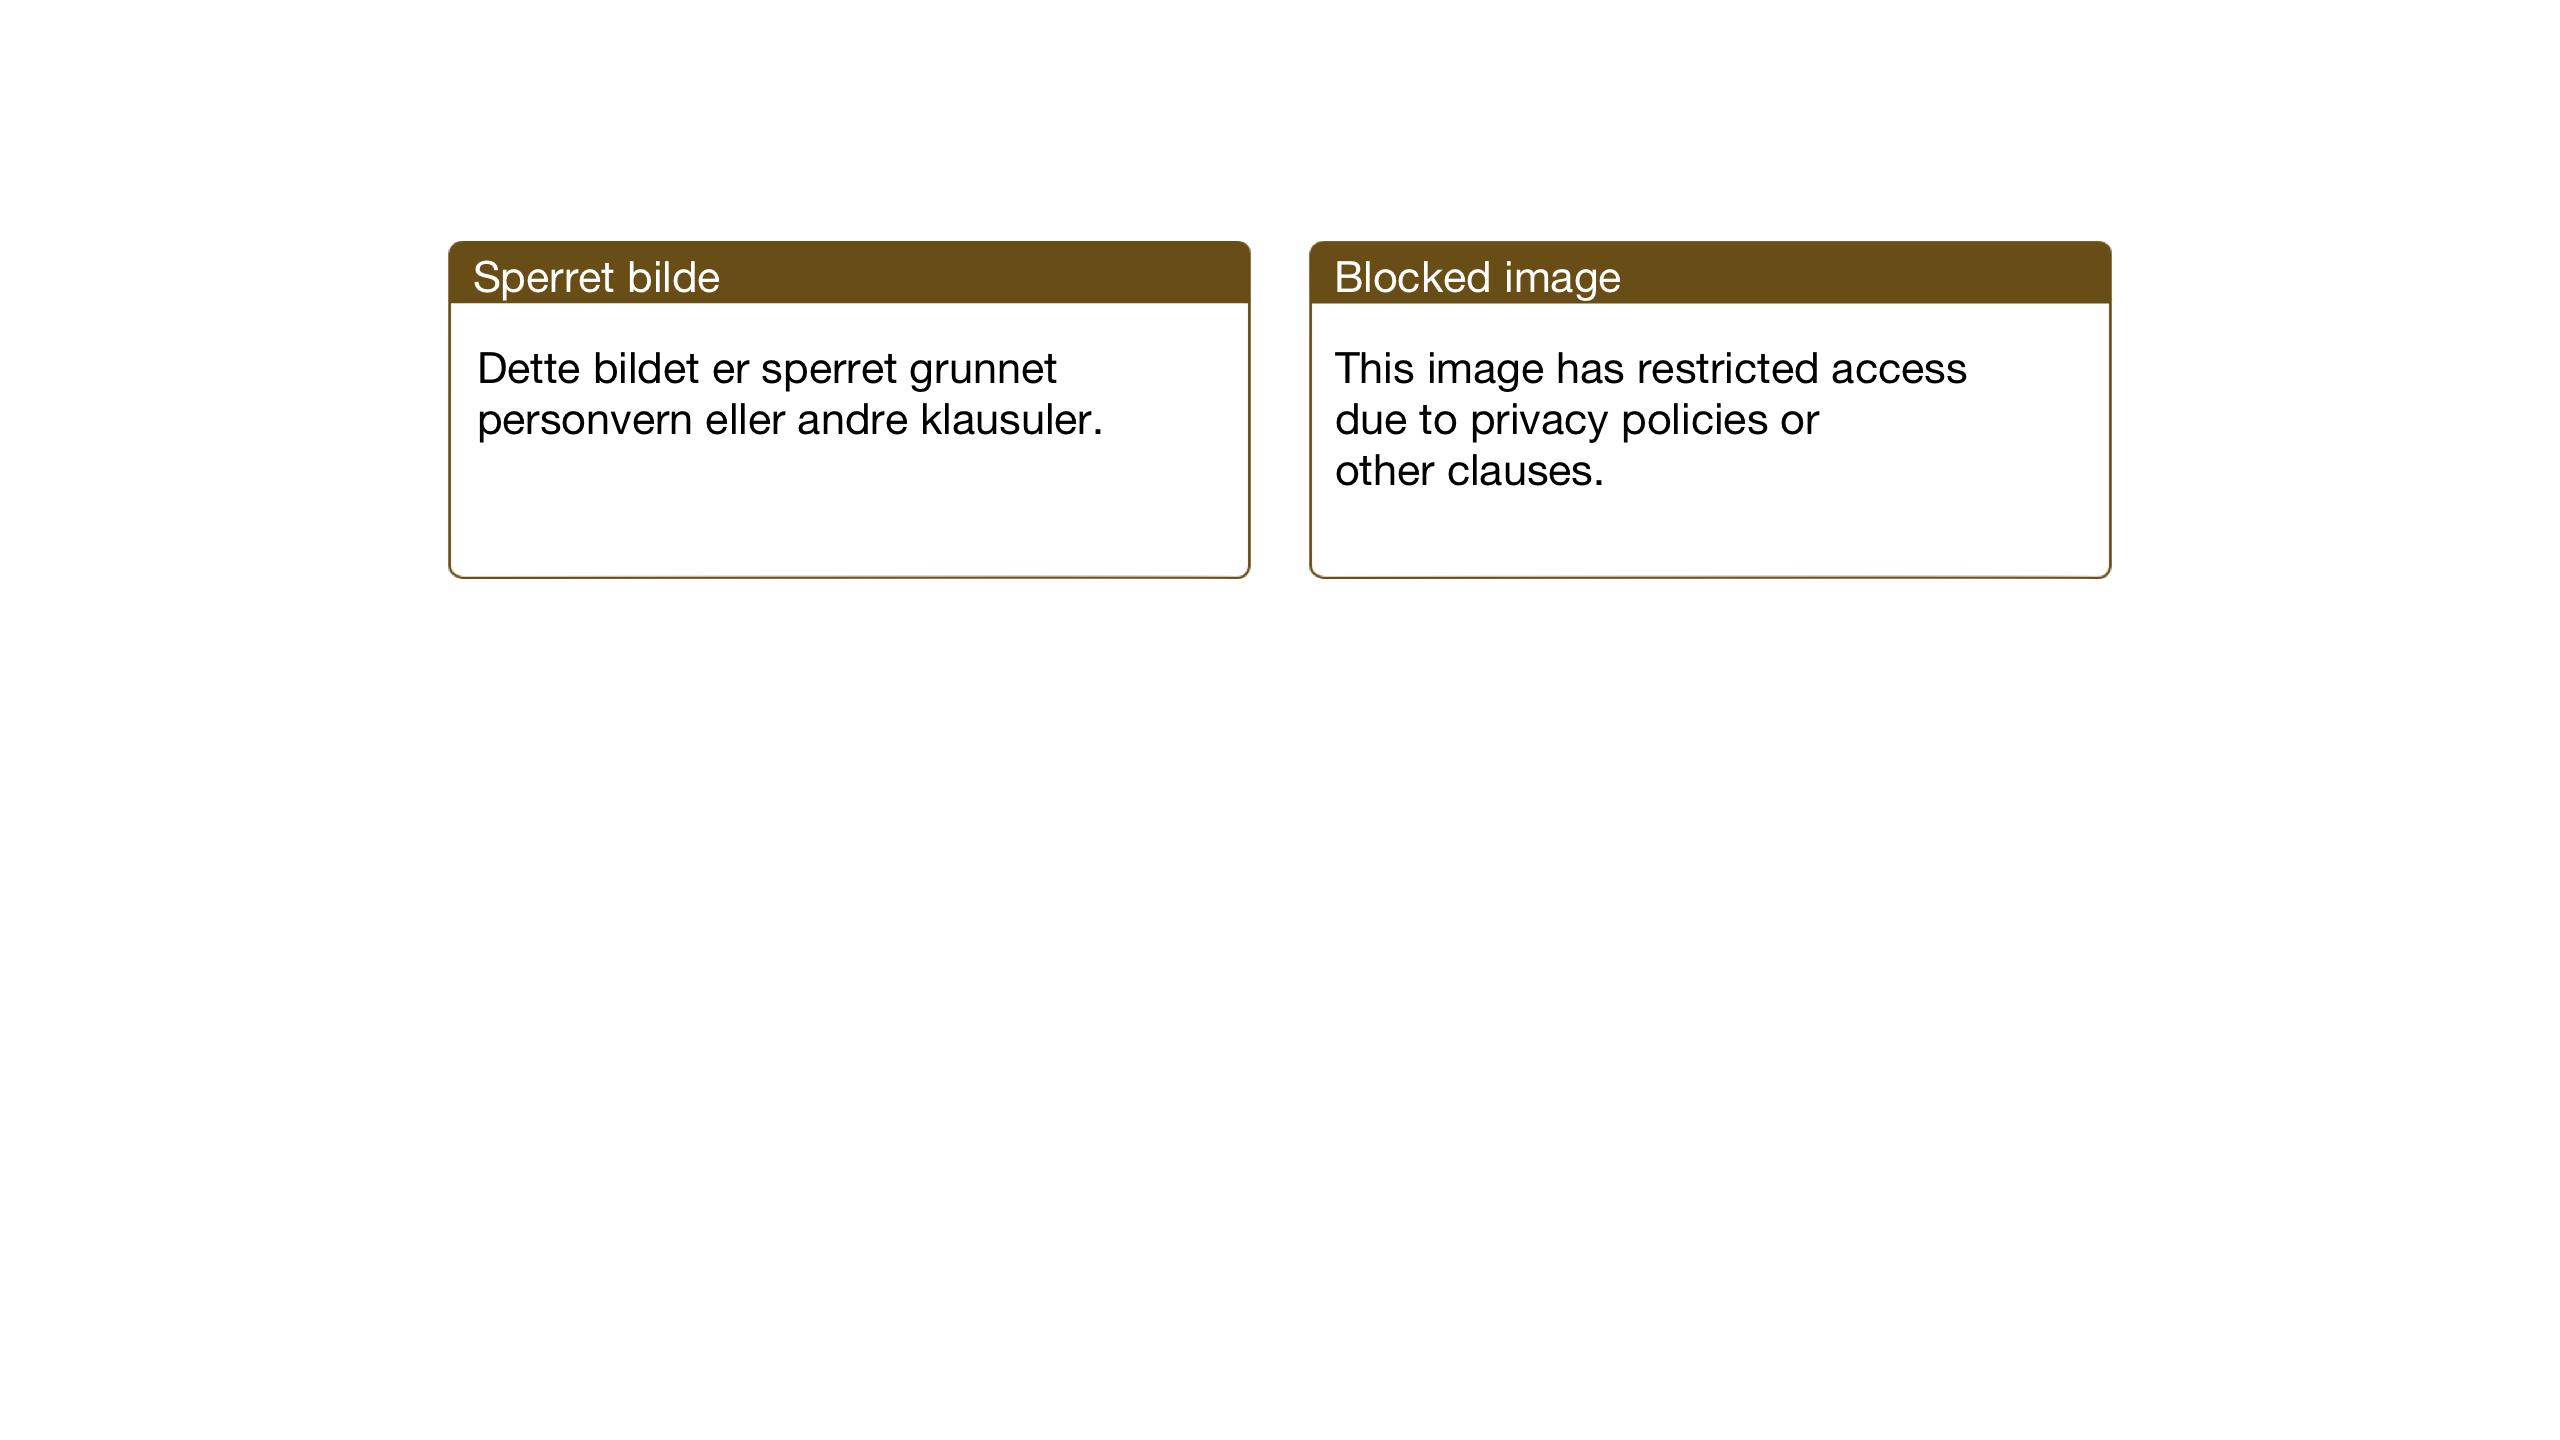 SAT, Ministerialprotokoller, klokkerbøker og fødselsregistre - Nord-Trøndelag, 722/L0227: Klokkerbok nr. 722C03, 1928-1958, s. 75